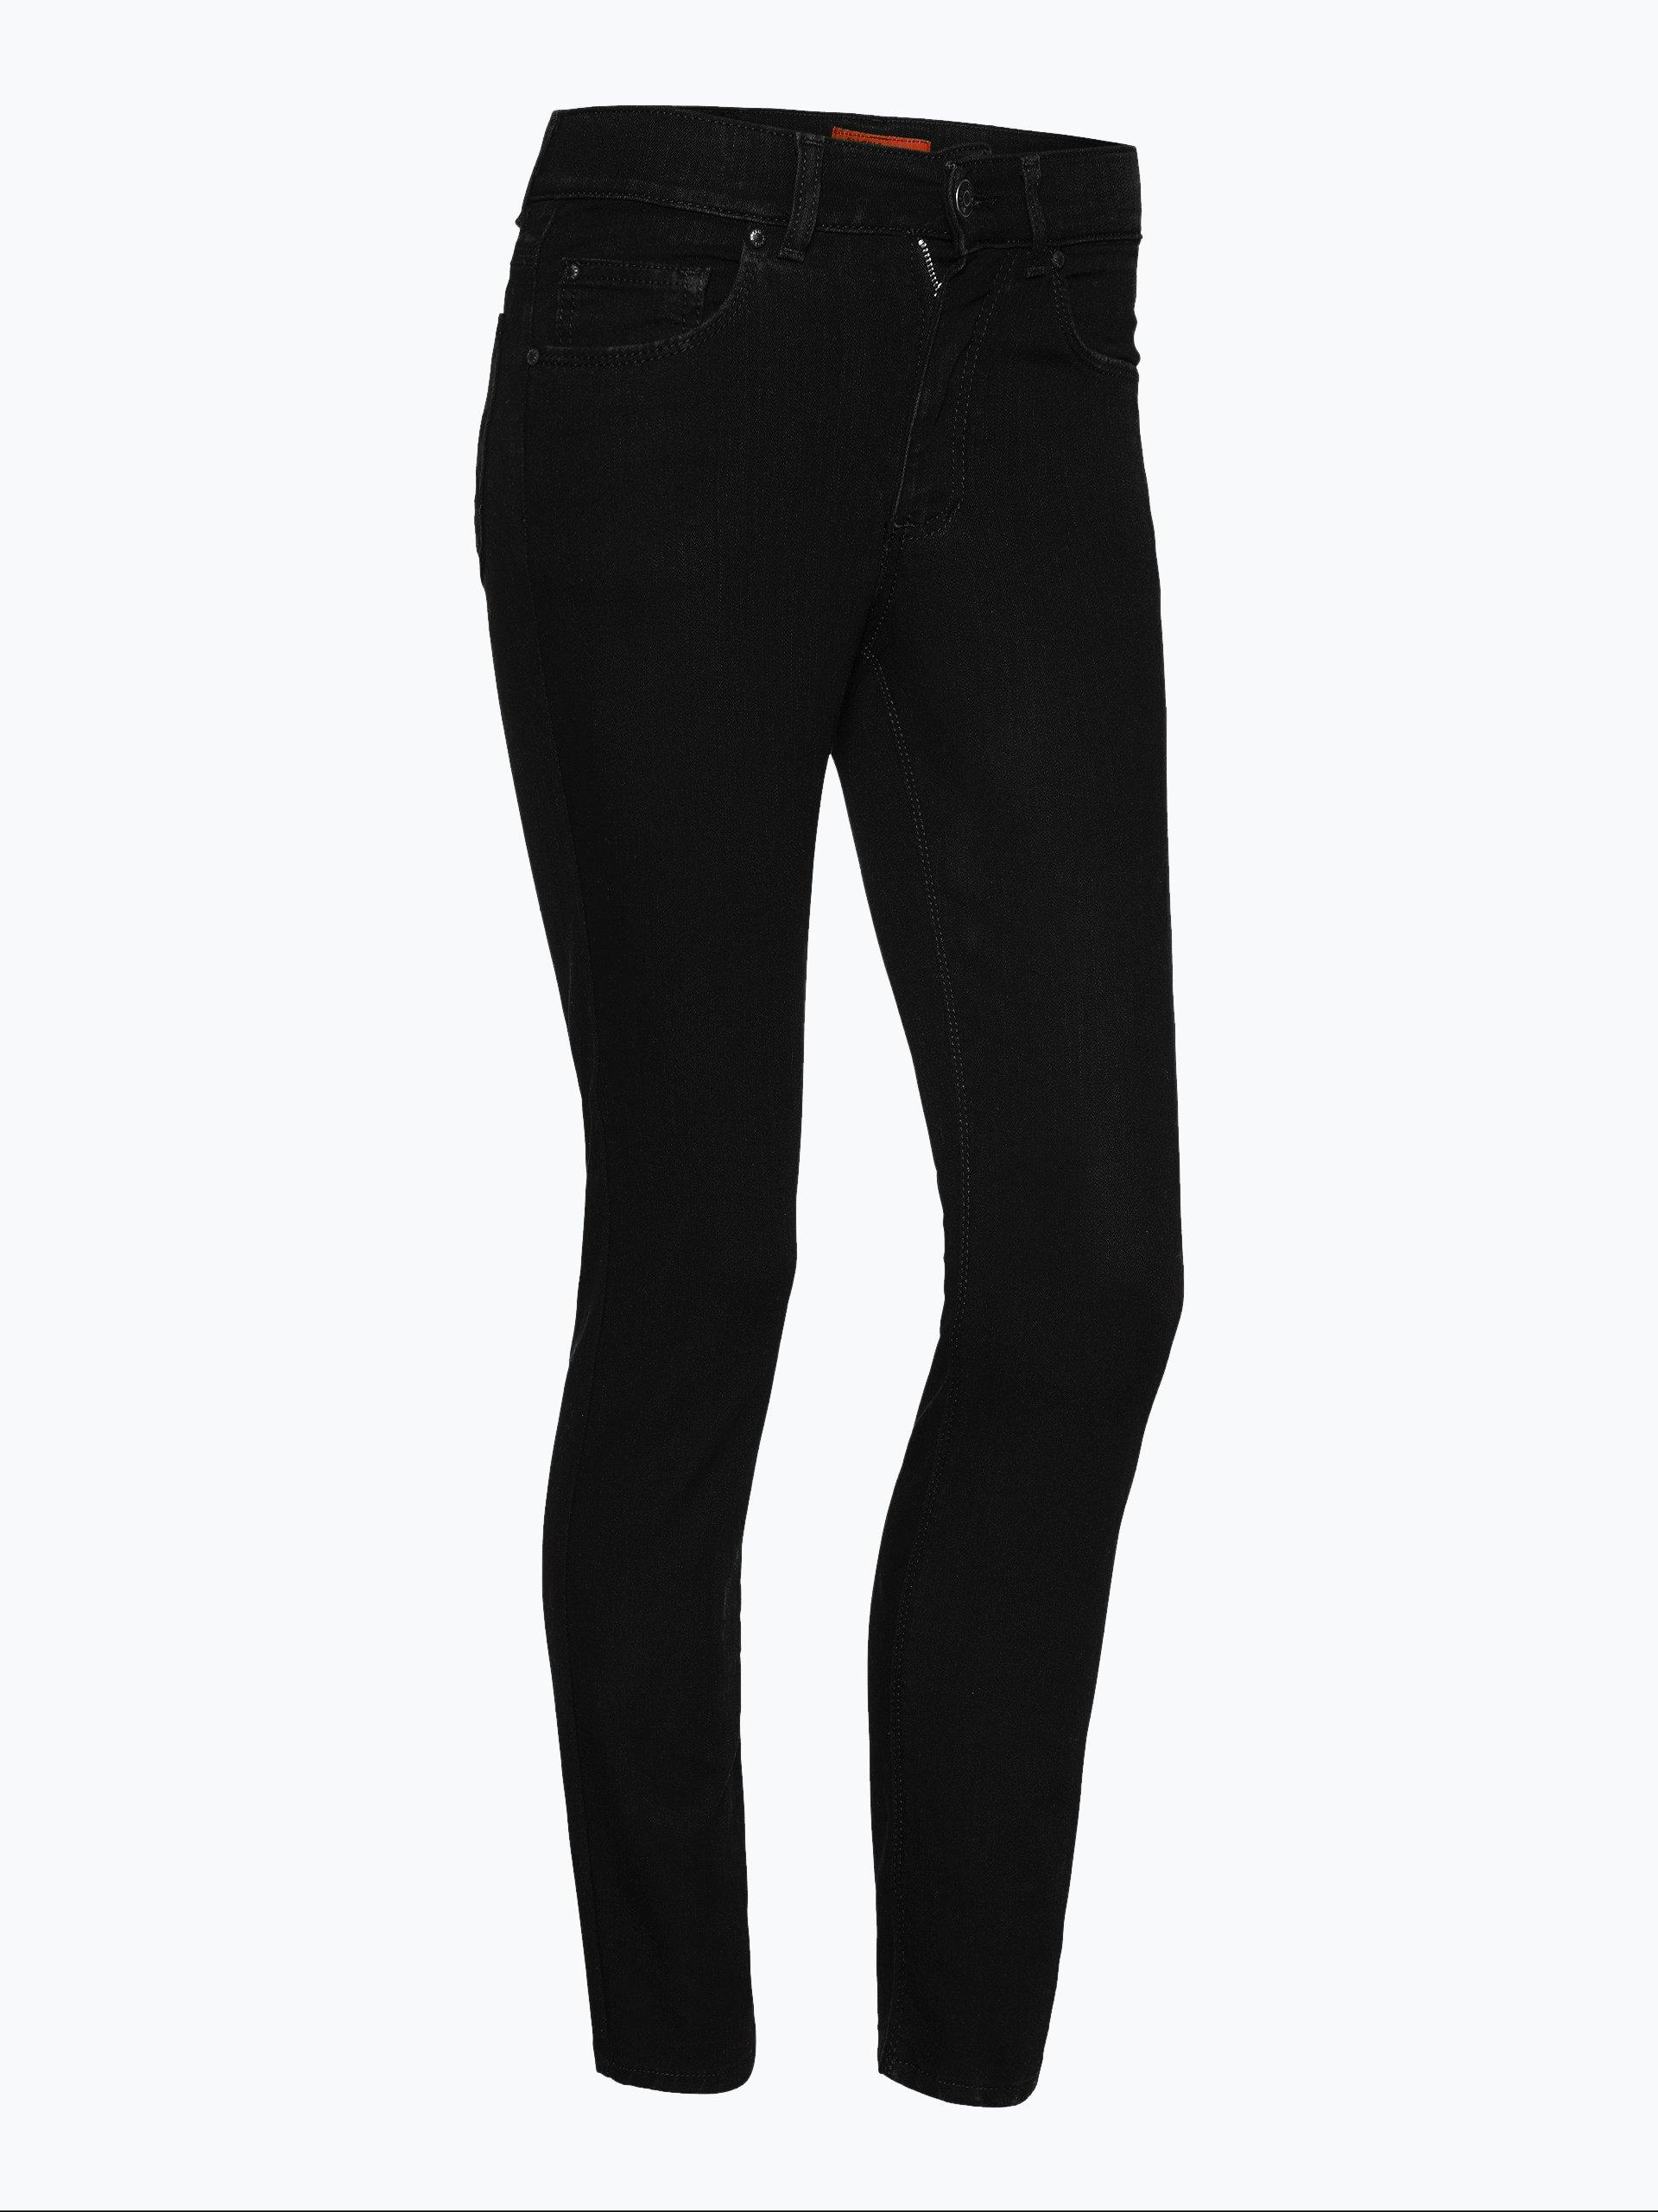 angels damen jeans skinny kurzgr e schwarz uni online. Black Bedroom Furniture Sets. Home Design Ideas